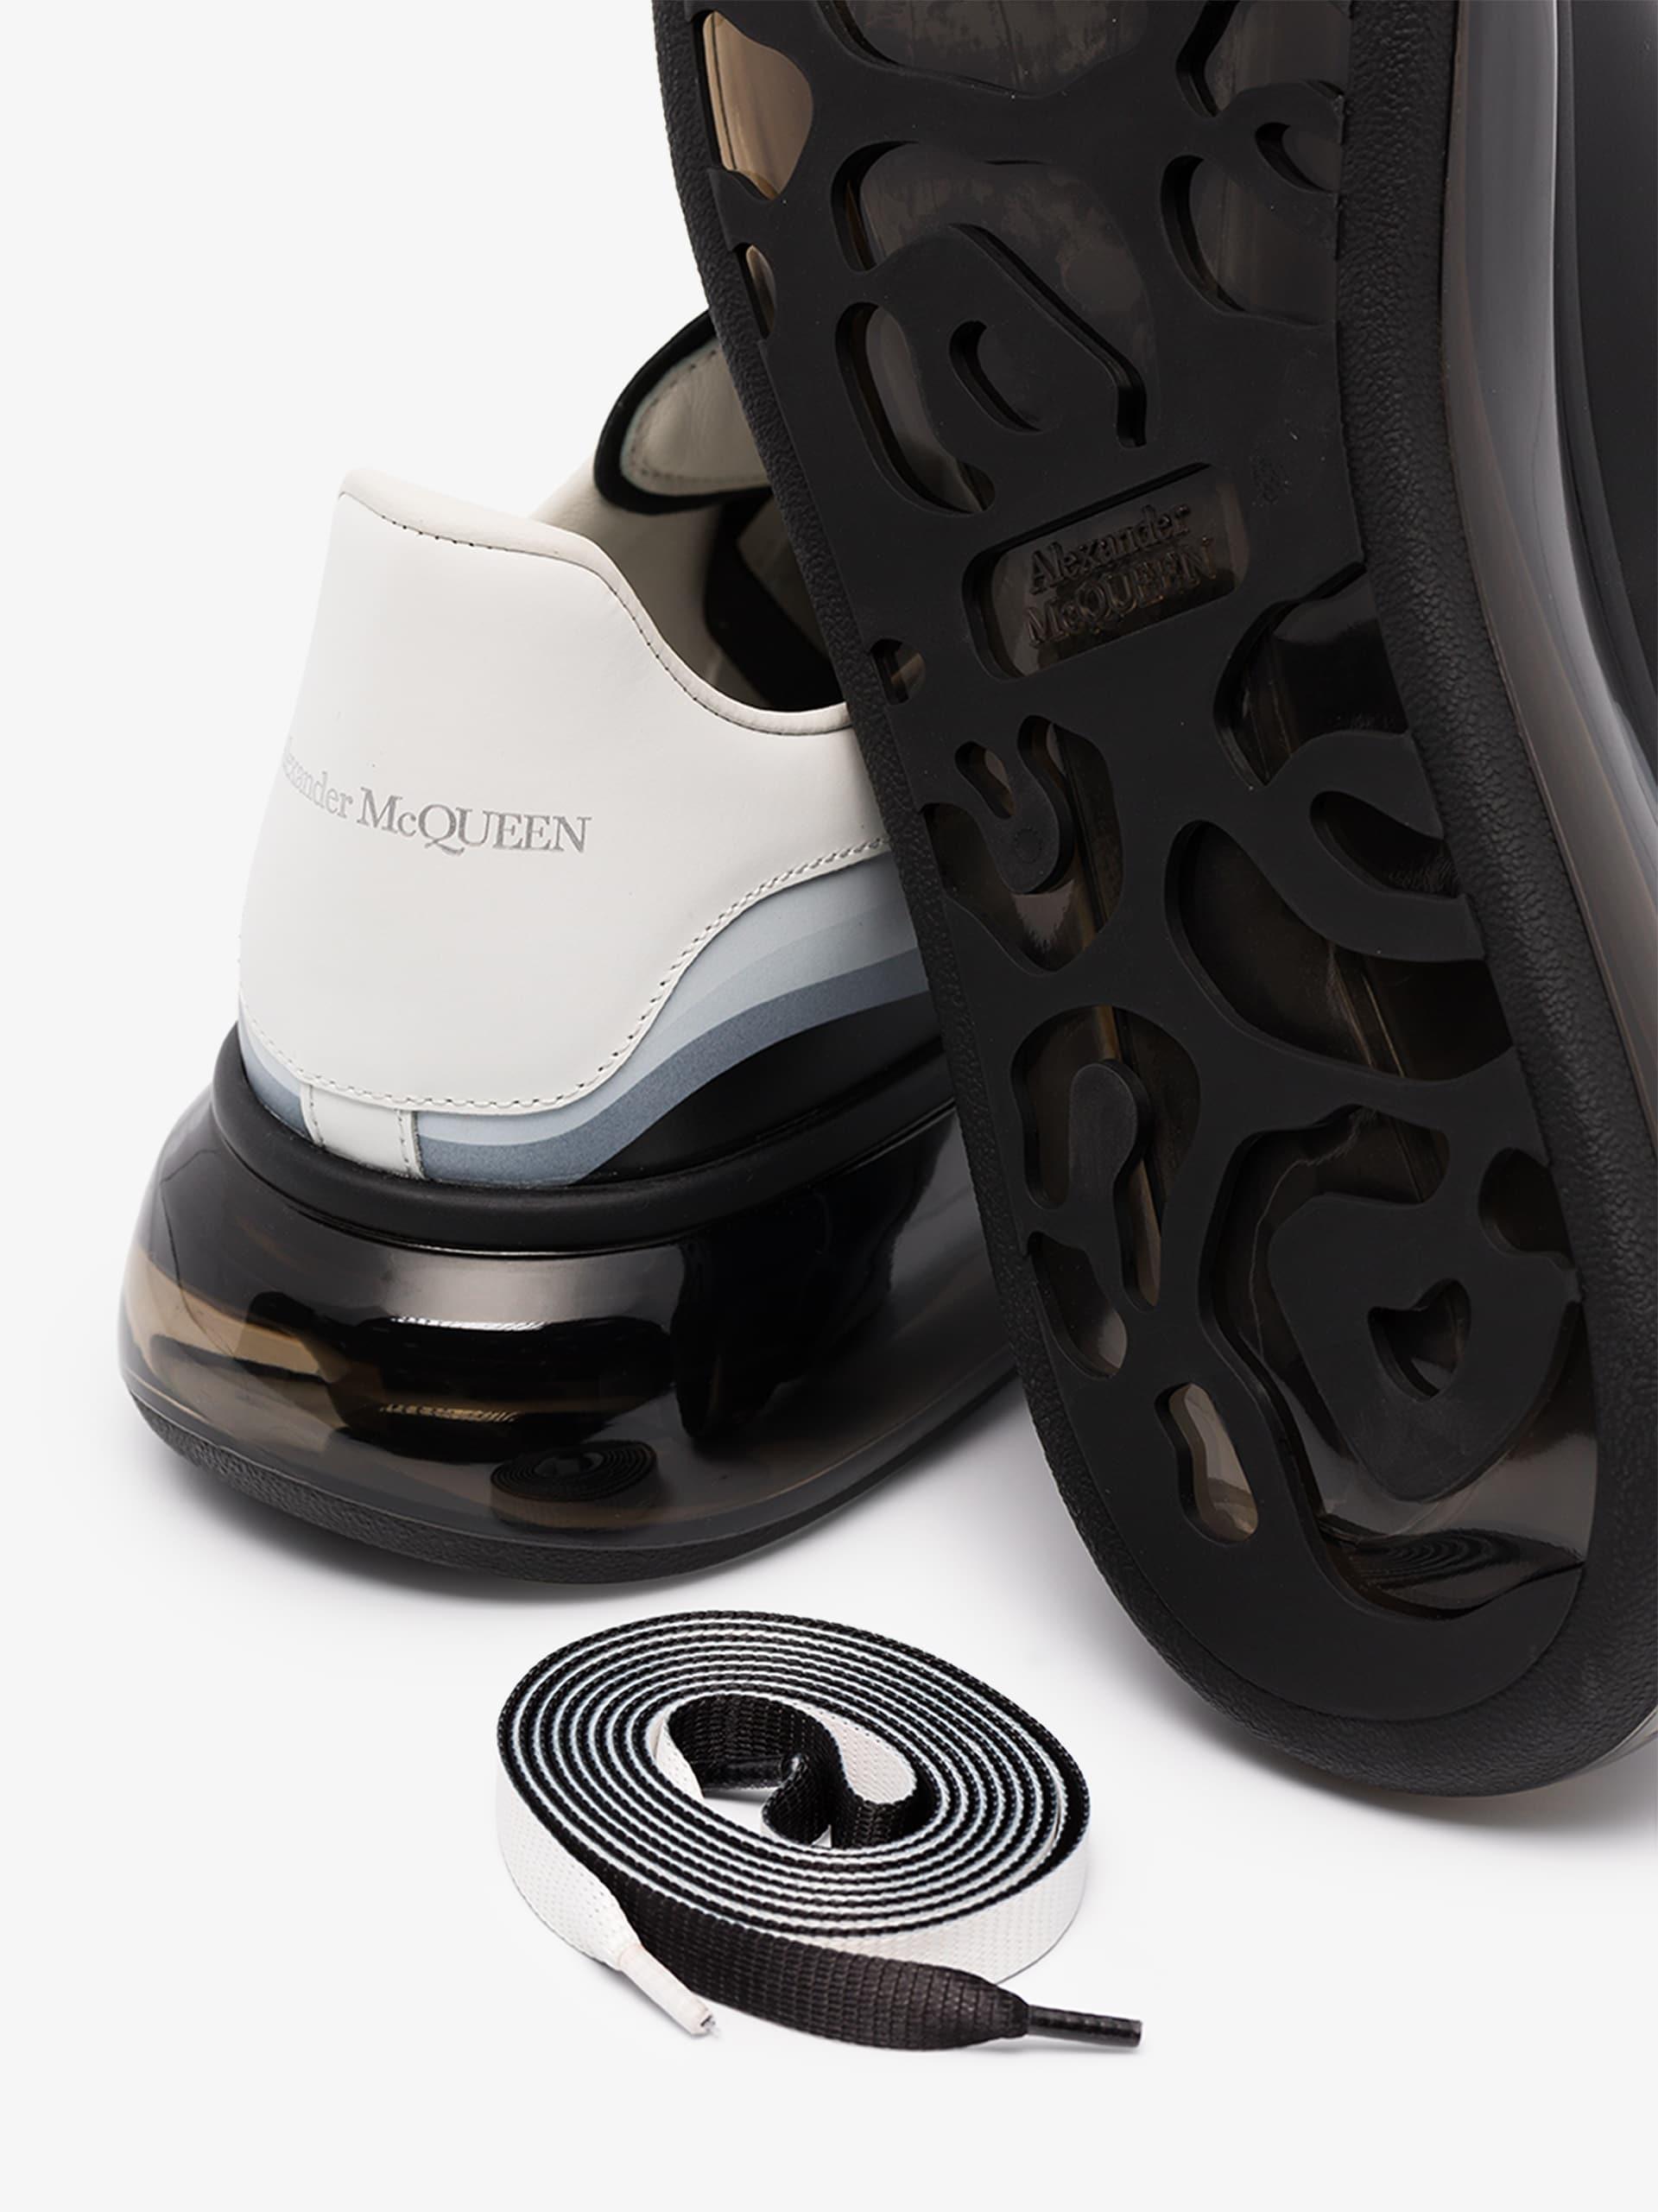 ALEXANDER MCQUEEN: THE NEW 3D SNEAKERS